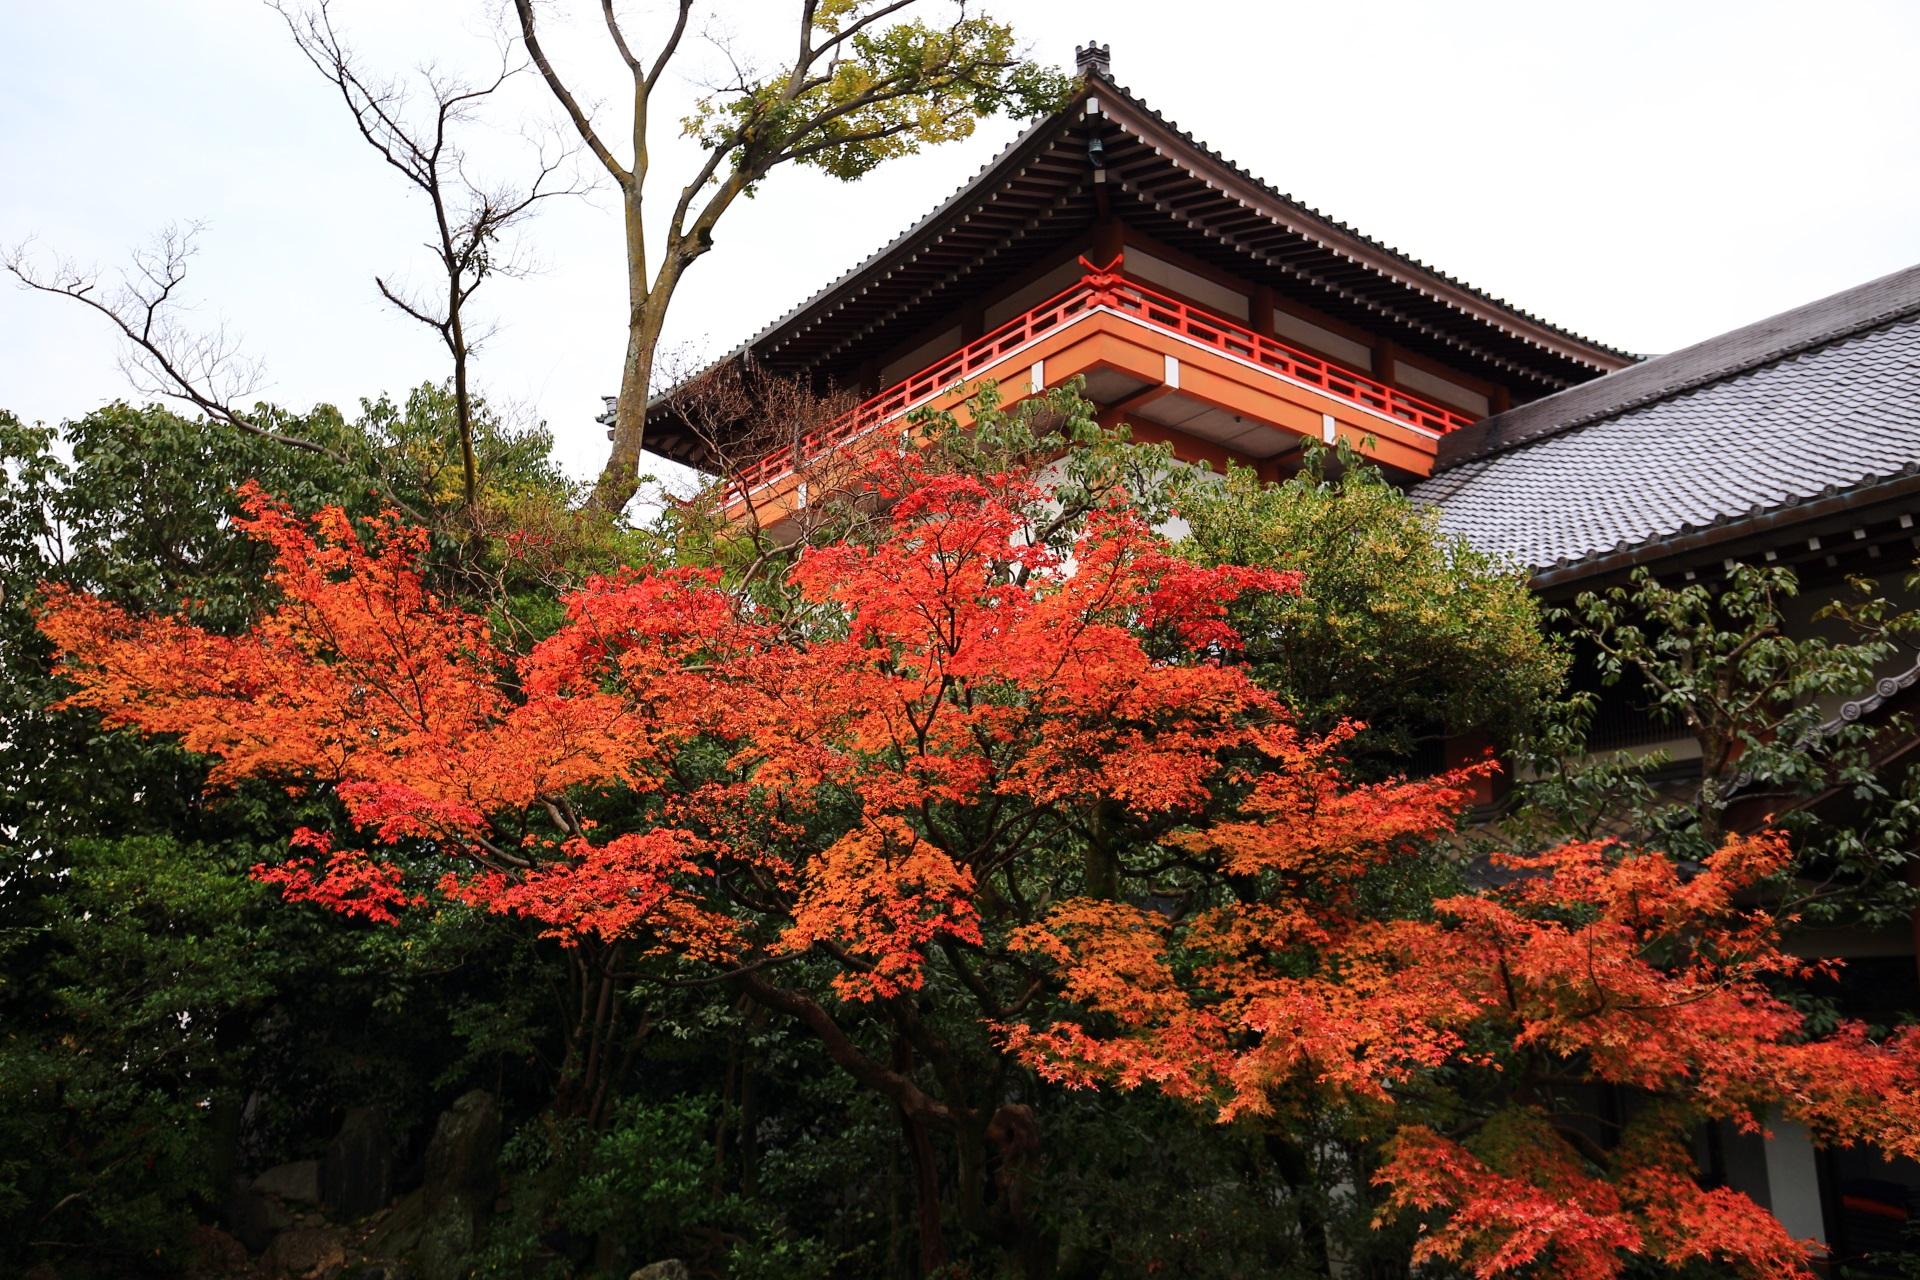 本法寺の凛として佇む宝物館を秋色に染めるオレンジの紅葉